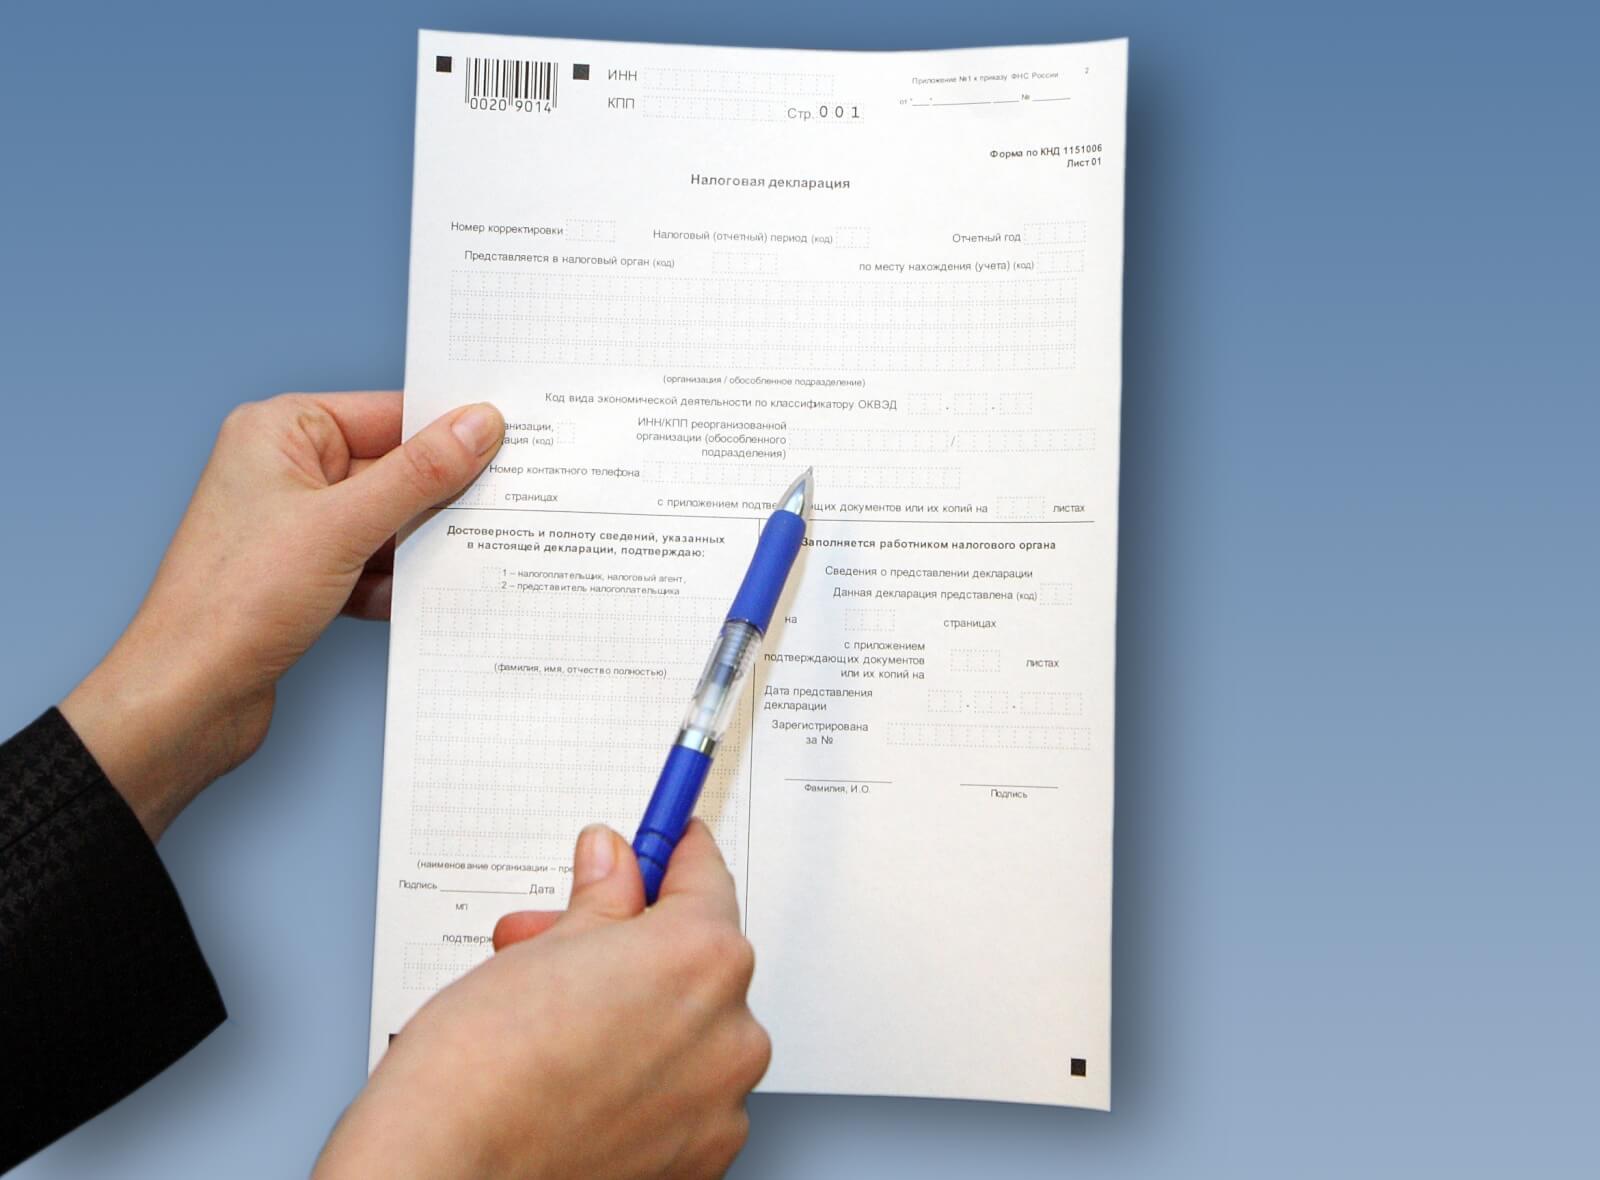 Налоговая декларация по УСН за 2019 год для ИП без работников: образец заполнения, скачать бланк